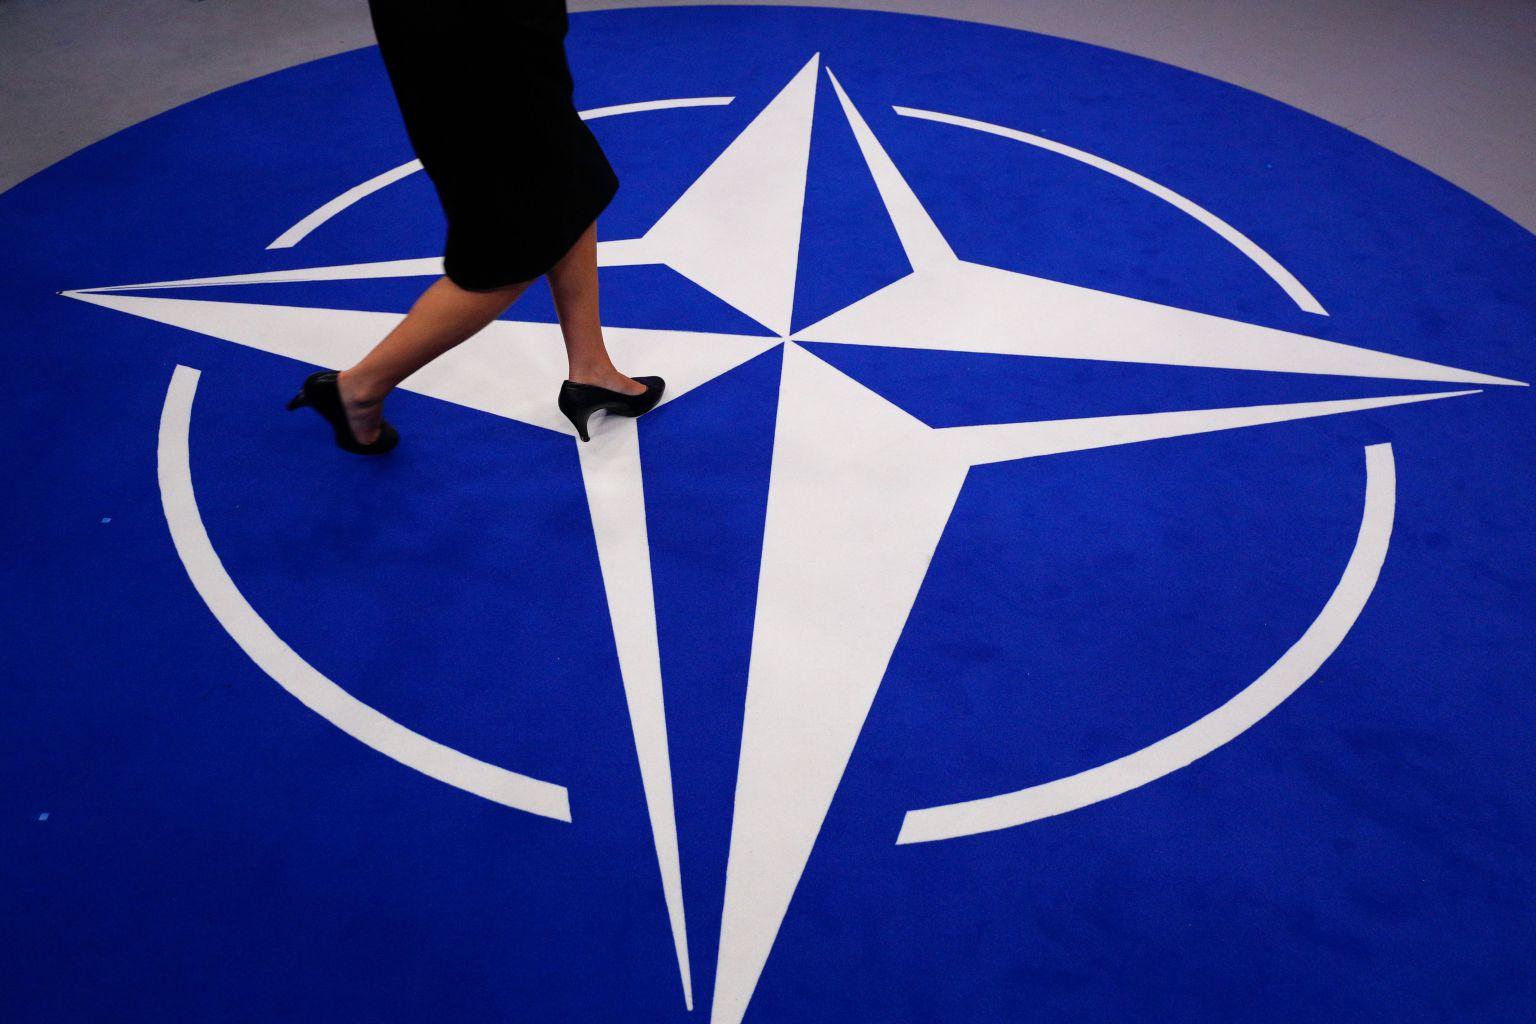 NATO mblidhet për të diskutuar mbi Ballkanin Perëndimor